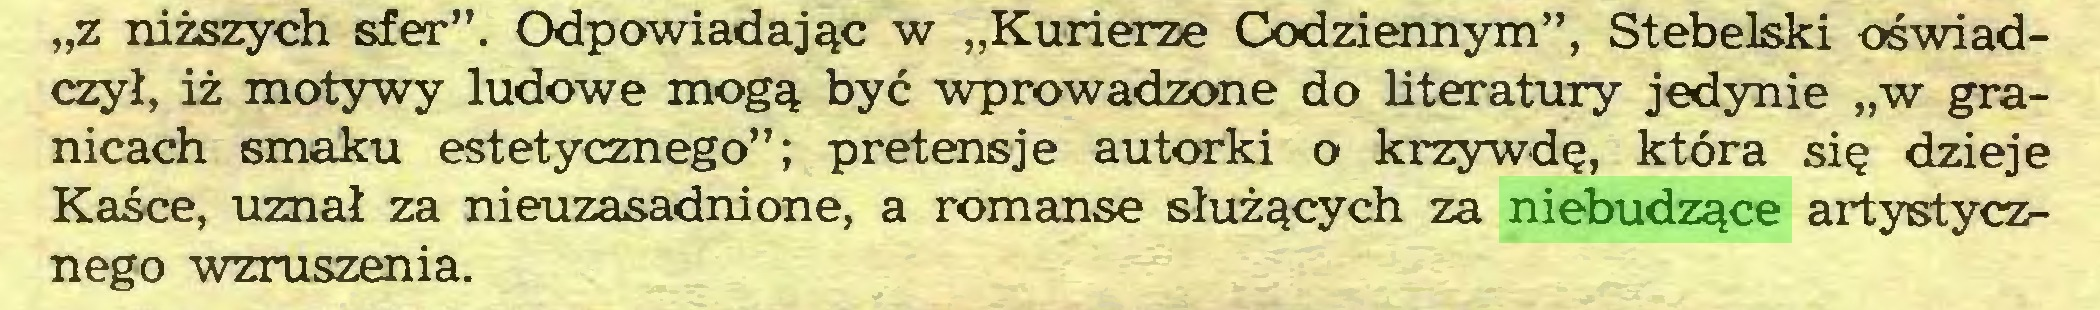 """(...) """"z niższych sfer"""". Odpowiadając w """"Kurierze Codziennym"""", Stebelski oświadczył, iż motywy ludowe mogą być wprowadzone do literatury jedynie """"w granicach smaku estetycznego""""; pretensje autorki o krzywdę, która się dzieje Kaśce, uznał za nieuzasadnione, a romanse służących za niebudzące artystycznego wzruszenia..."""